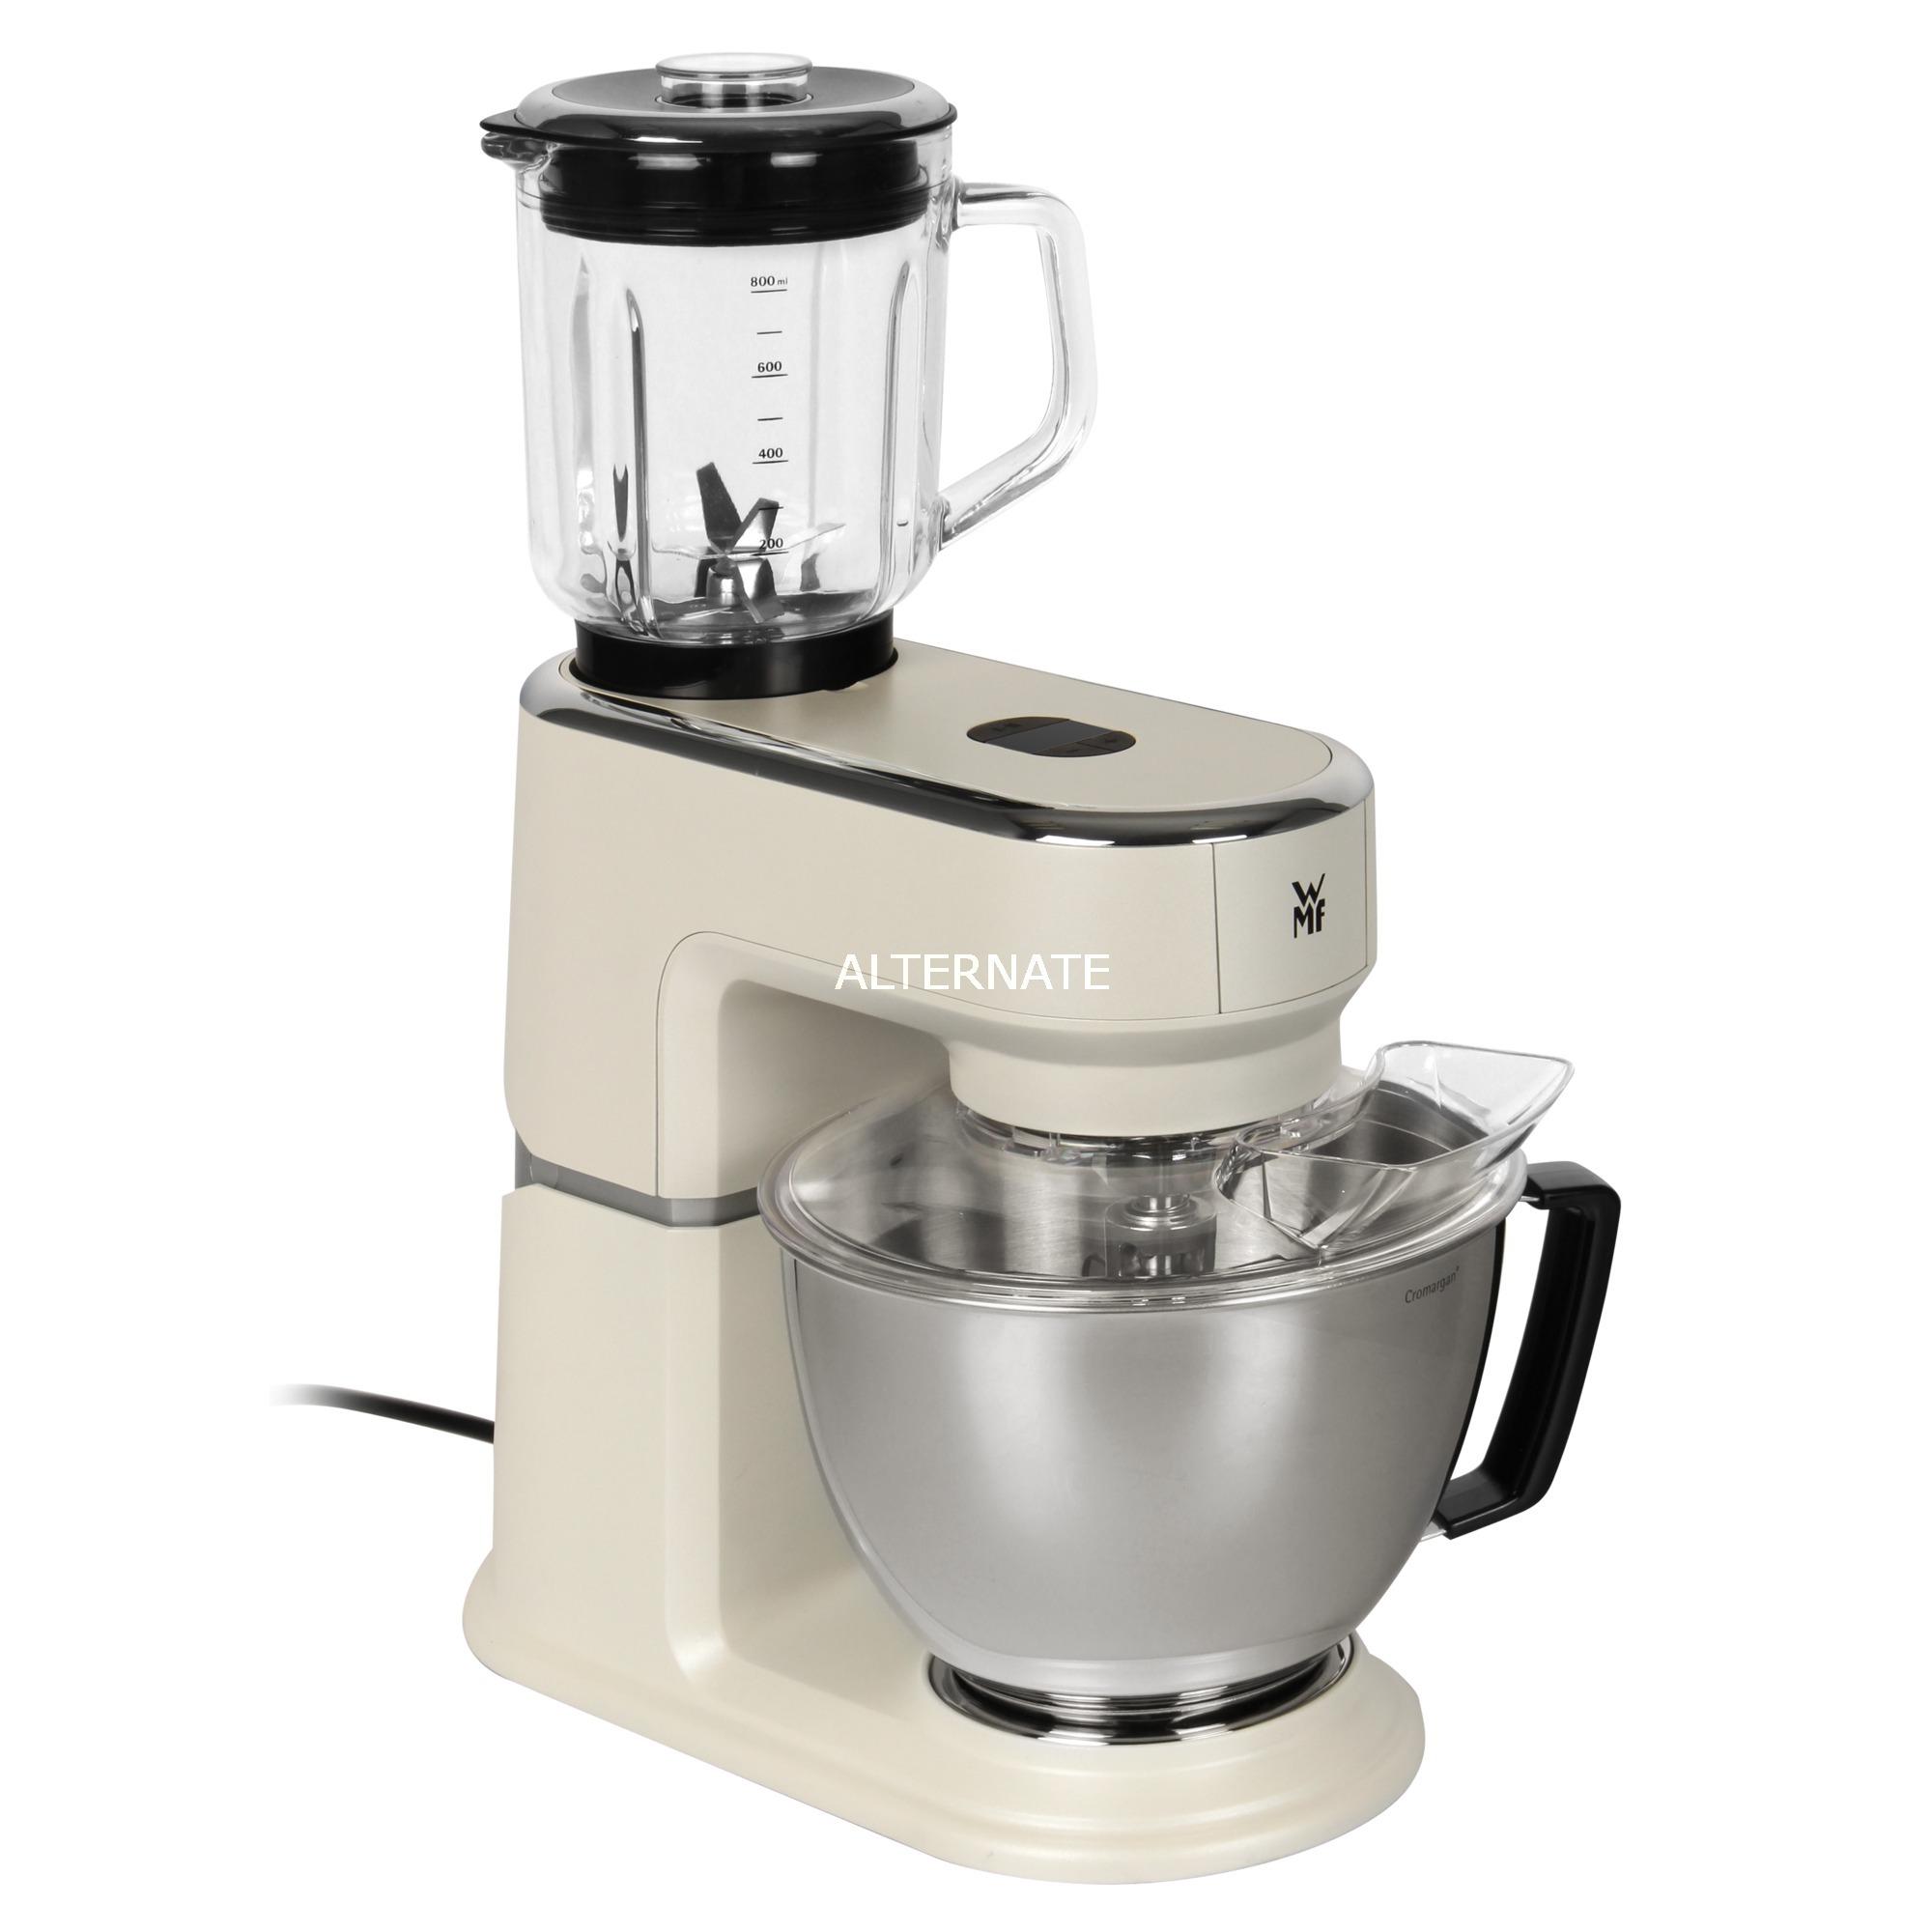 04.1644.0001 robot de cocina 3 L Marfil 430 W